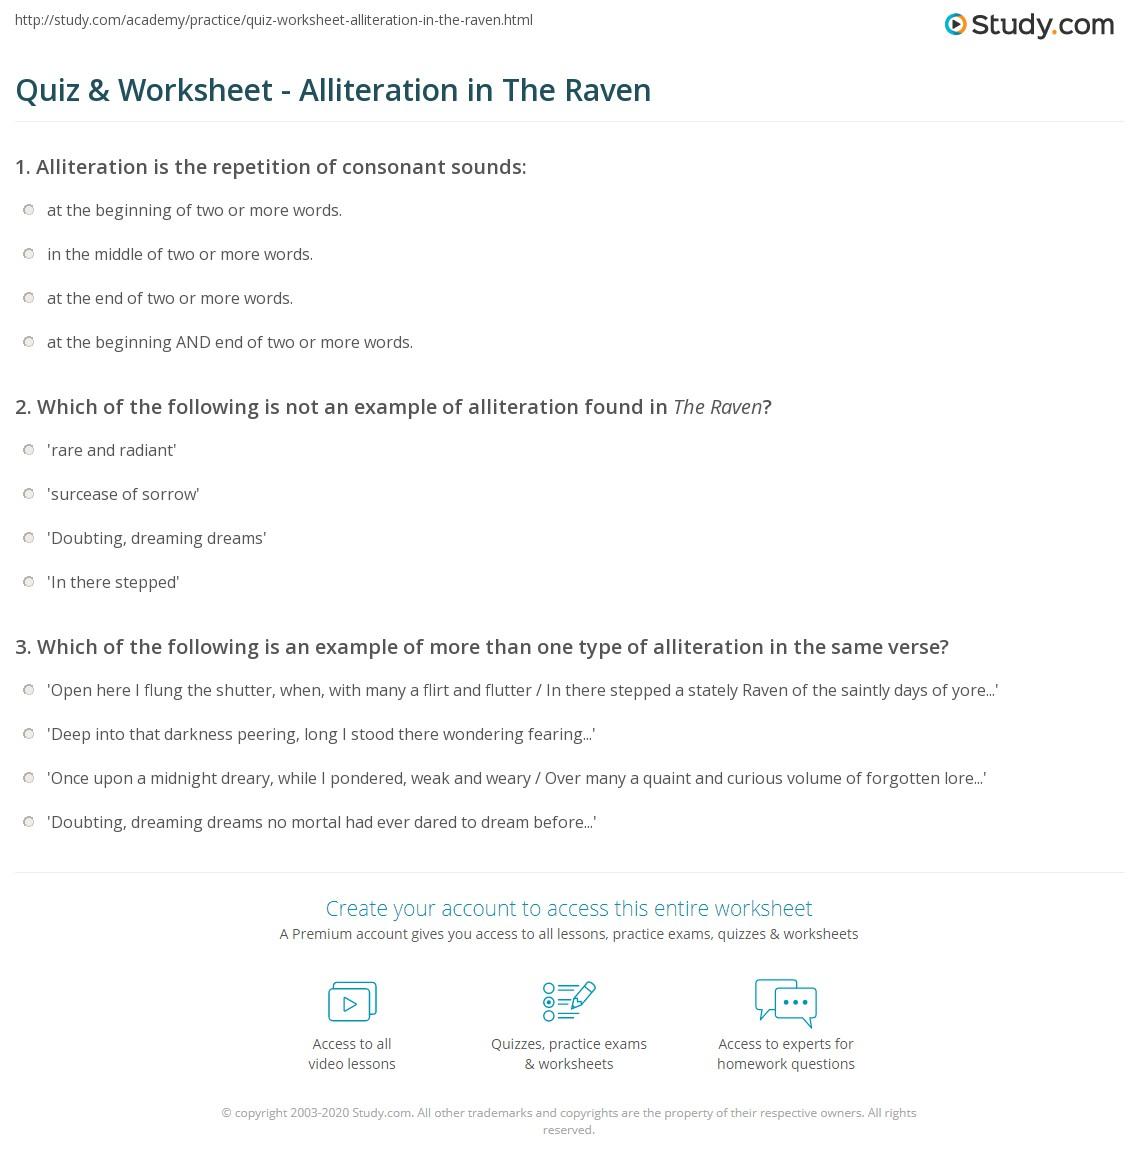 Quiz Worksheet Alliteration In The Raven Study